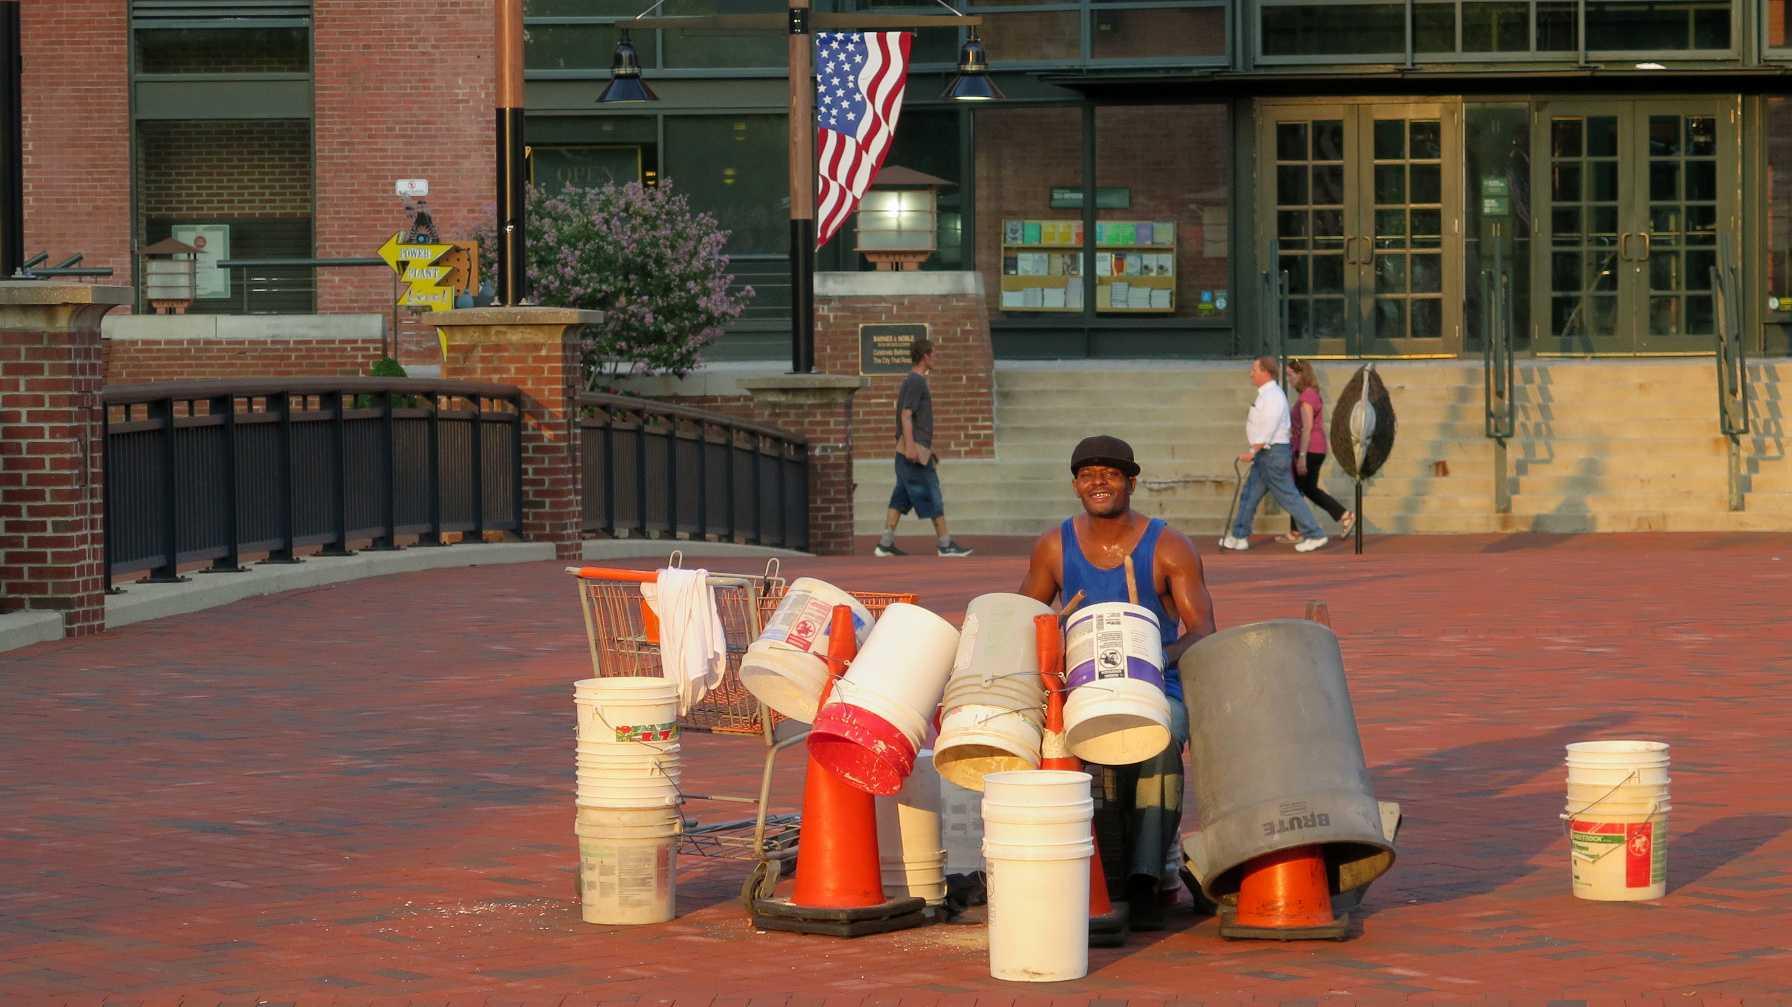 Musikant mit Schlagzeug aus Plastikkübeln